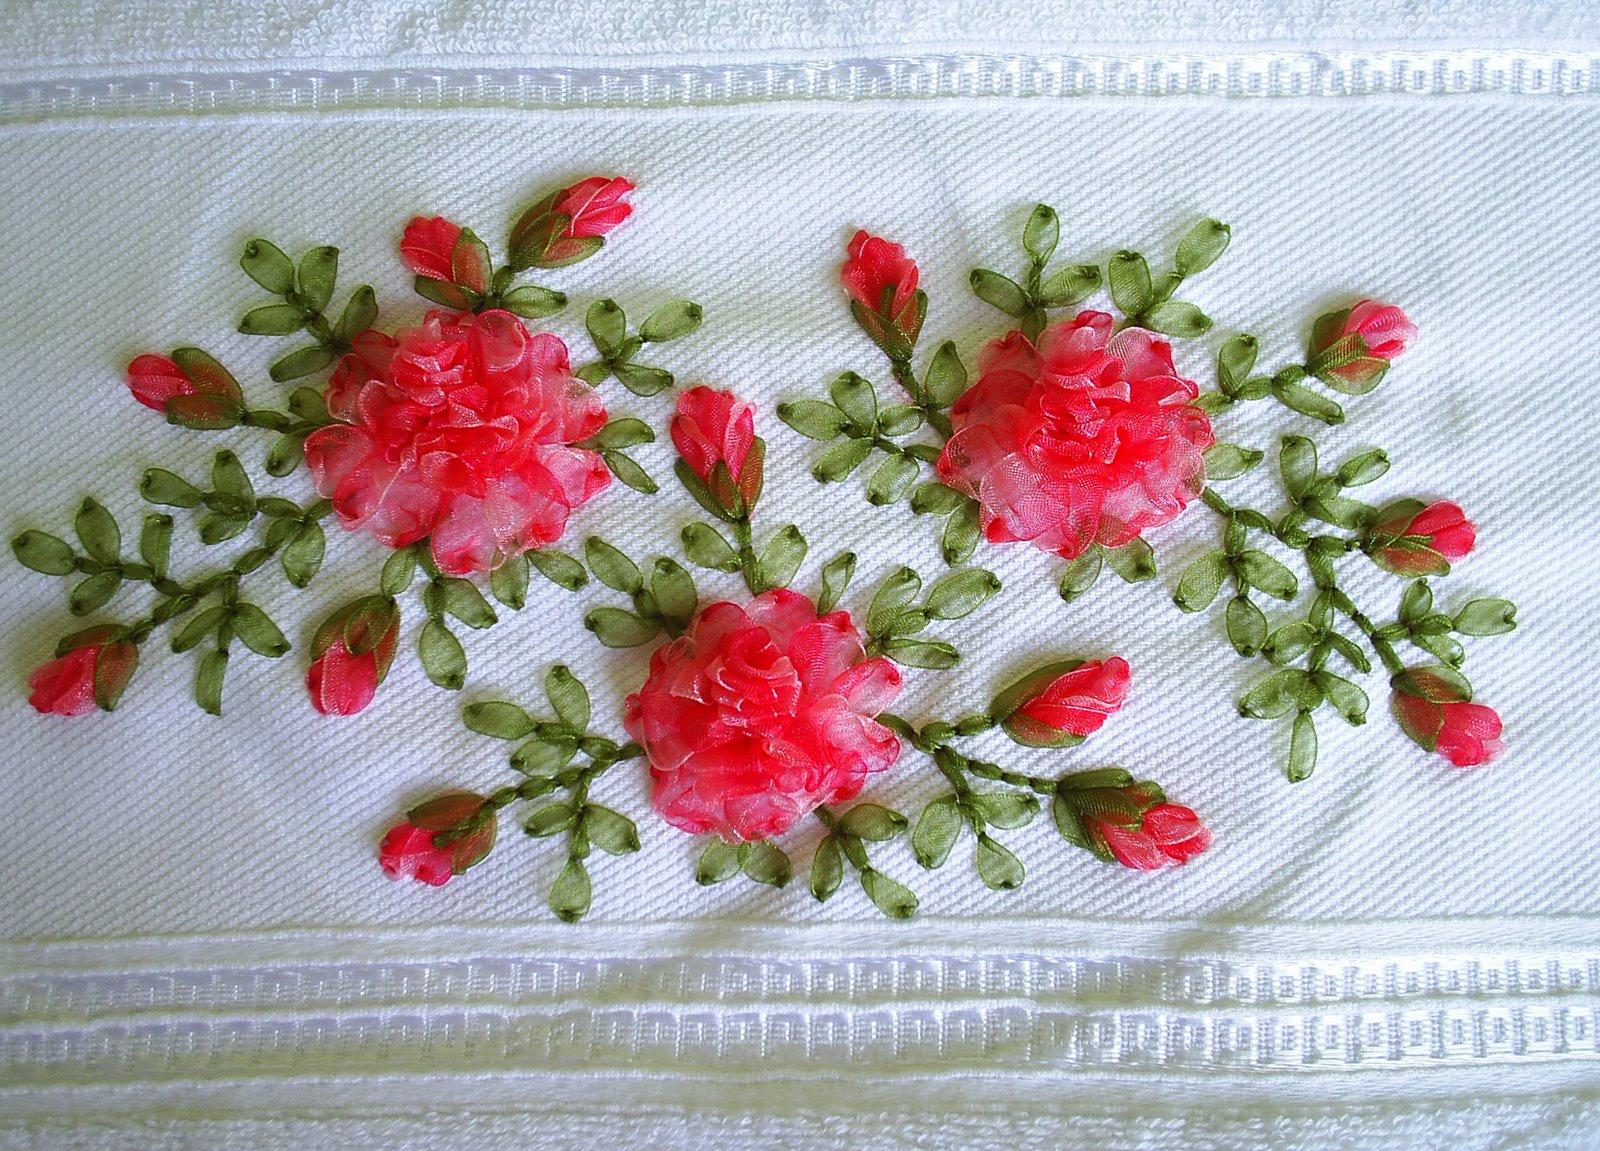 kurdele nakışı güller